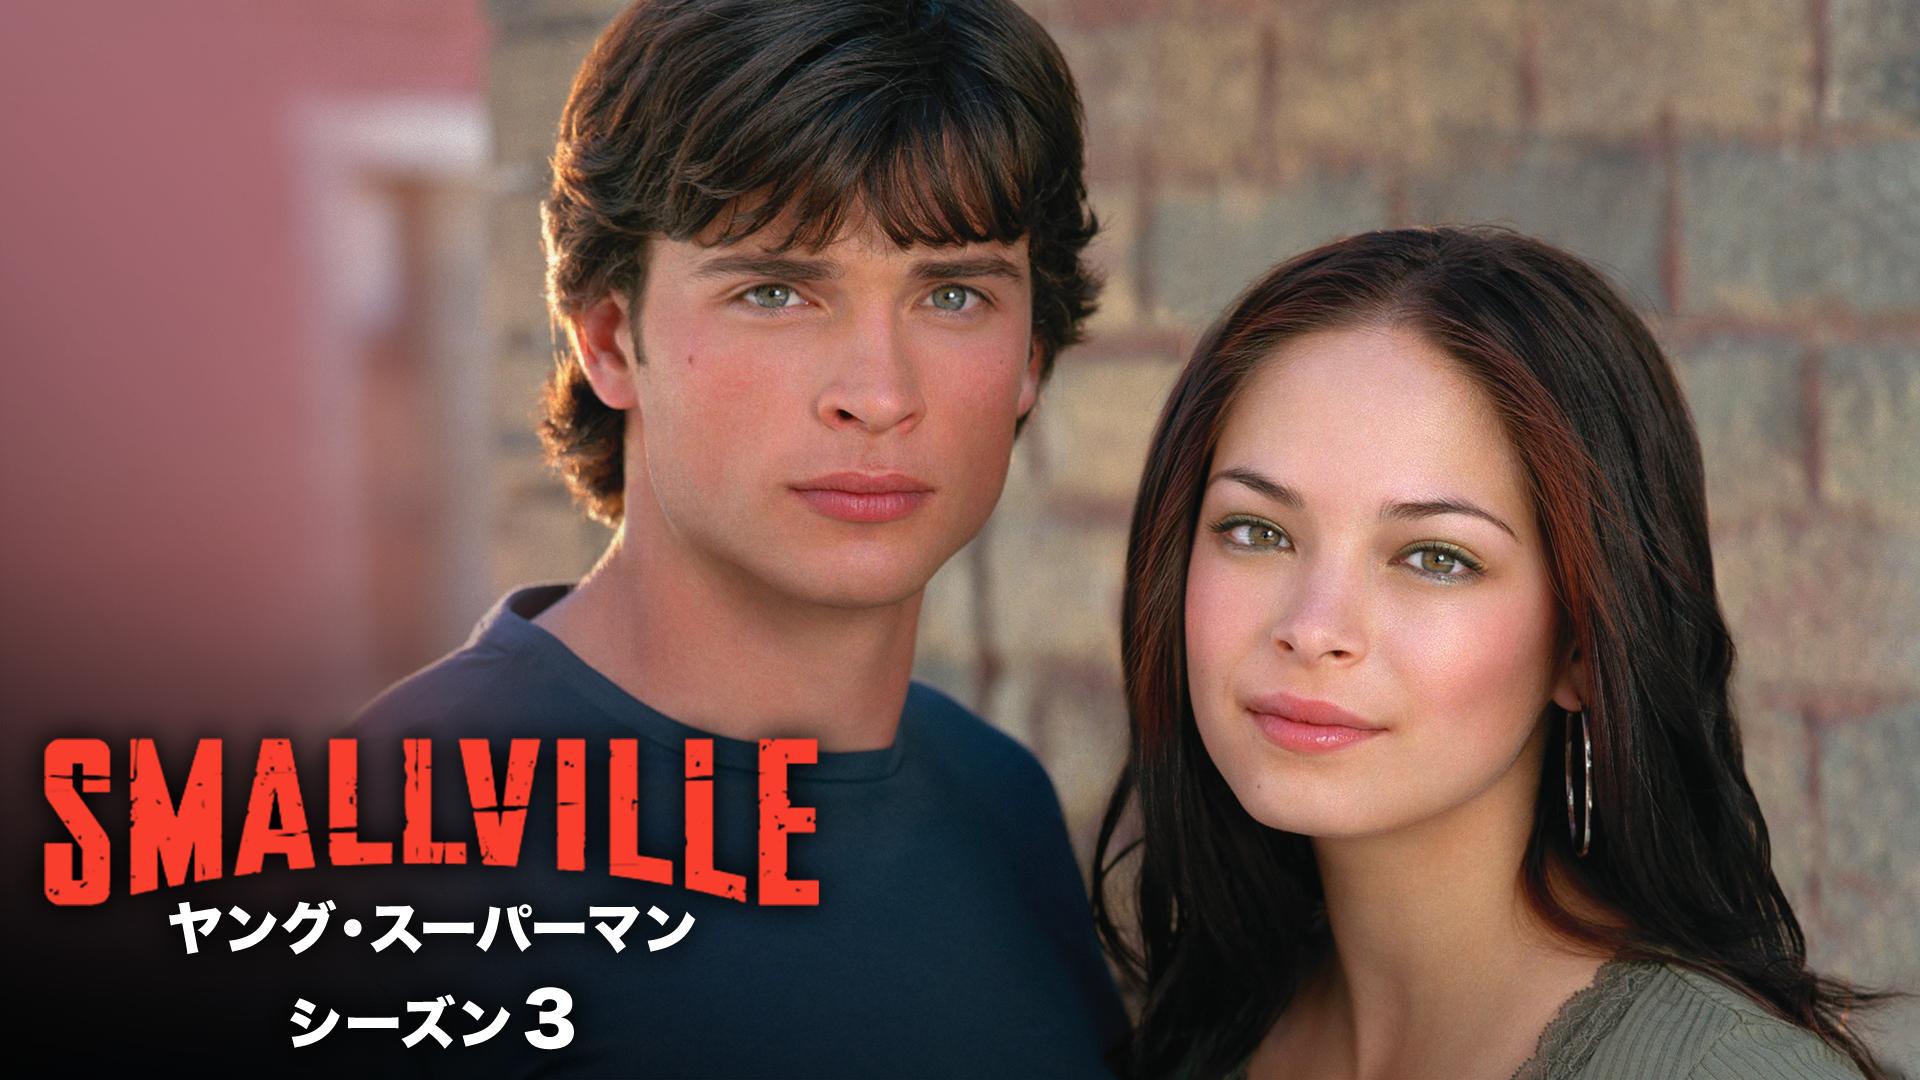 SMALLVILLE/ヤング・スーパーマン シーズン3の動画 - SMALLVILLE/ヤング・スーパーマン シーズン7